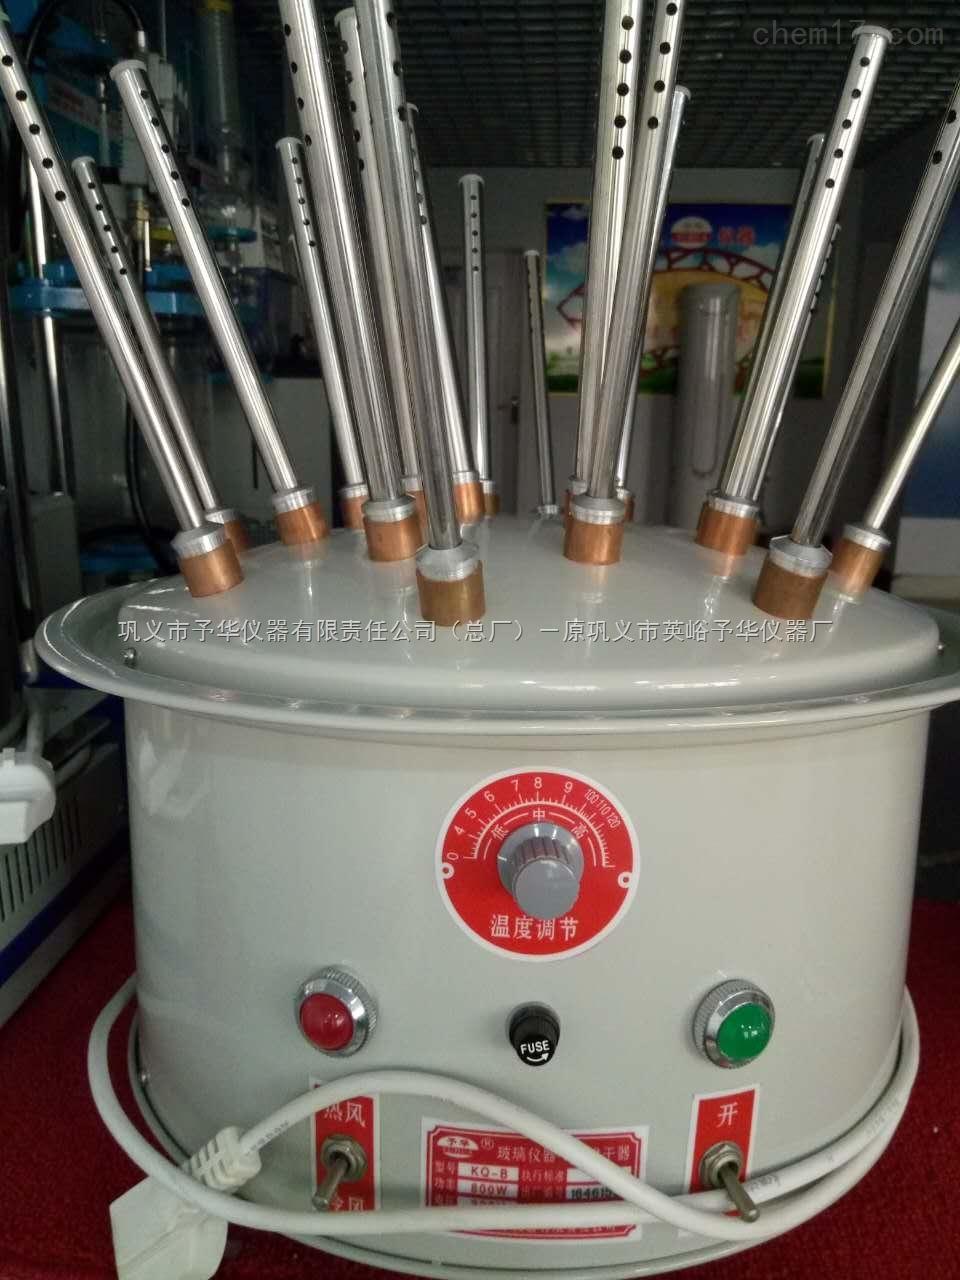 玻璃仪器气流烘干器-巩义予华仪器厂家